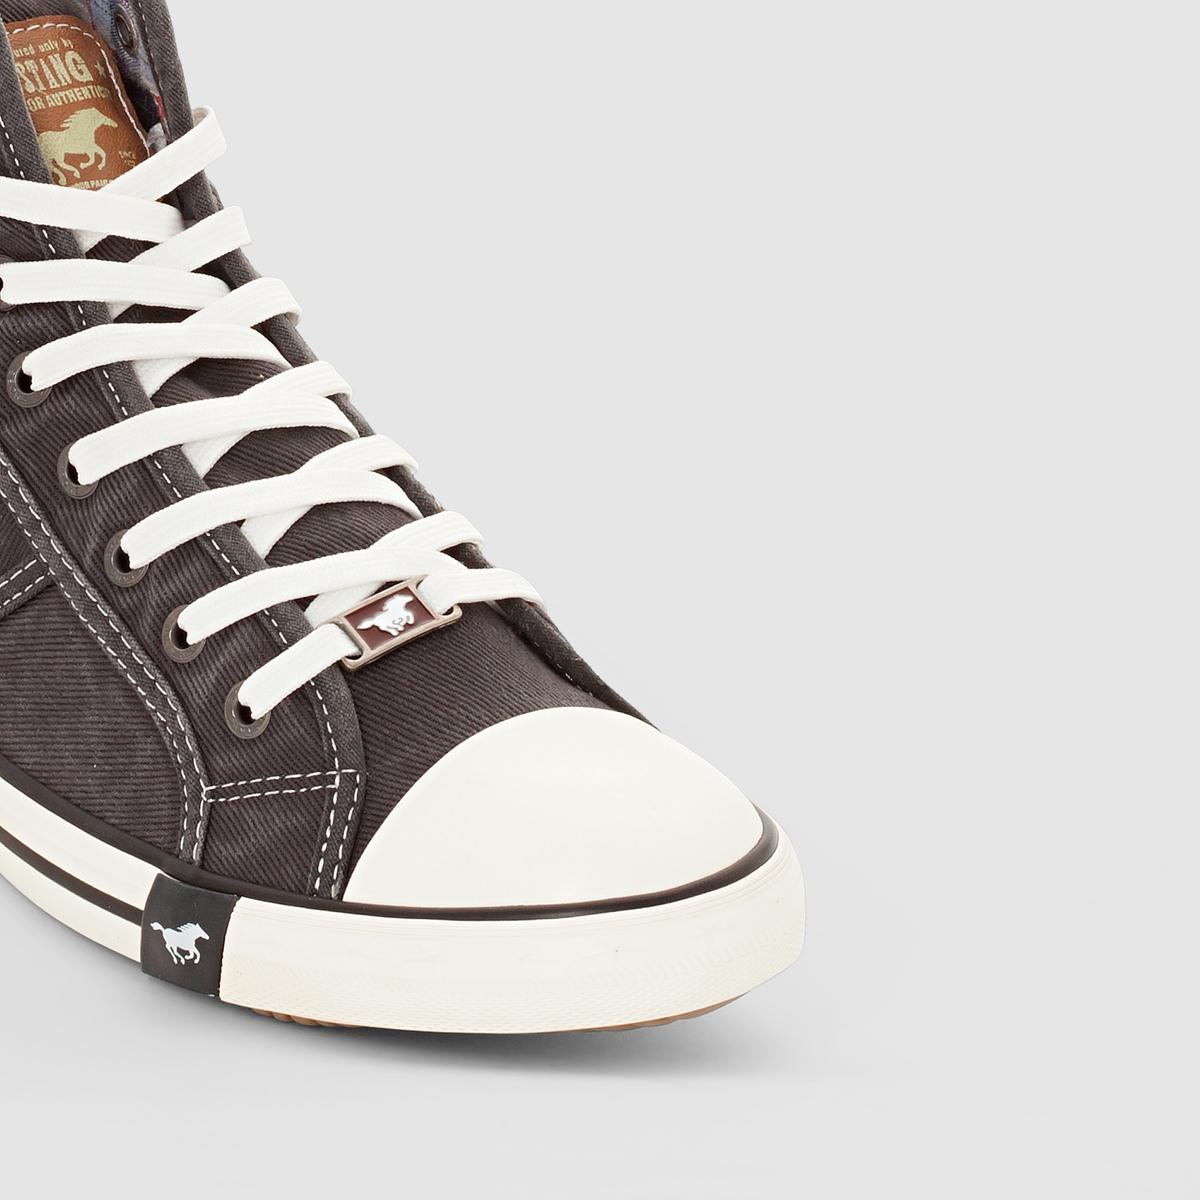 Кеды высокие 4058504Верх : хлопок         Подкладка : хлопок         Стелька : хлопок         Подошва : Каучук         Застежка : Шнуровка<br><br>Цвет: черный